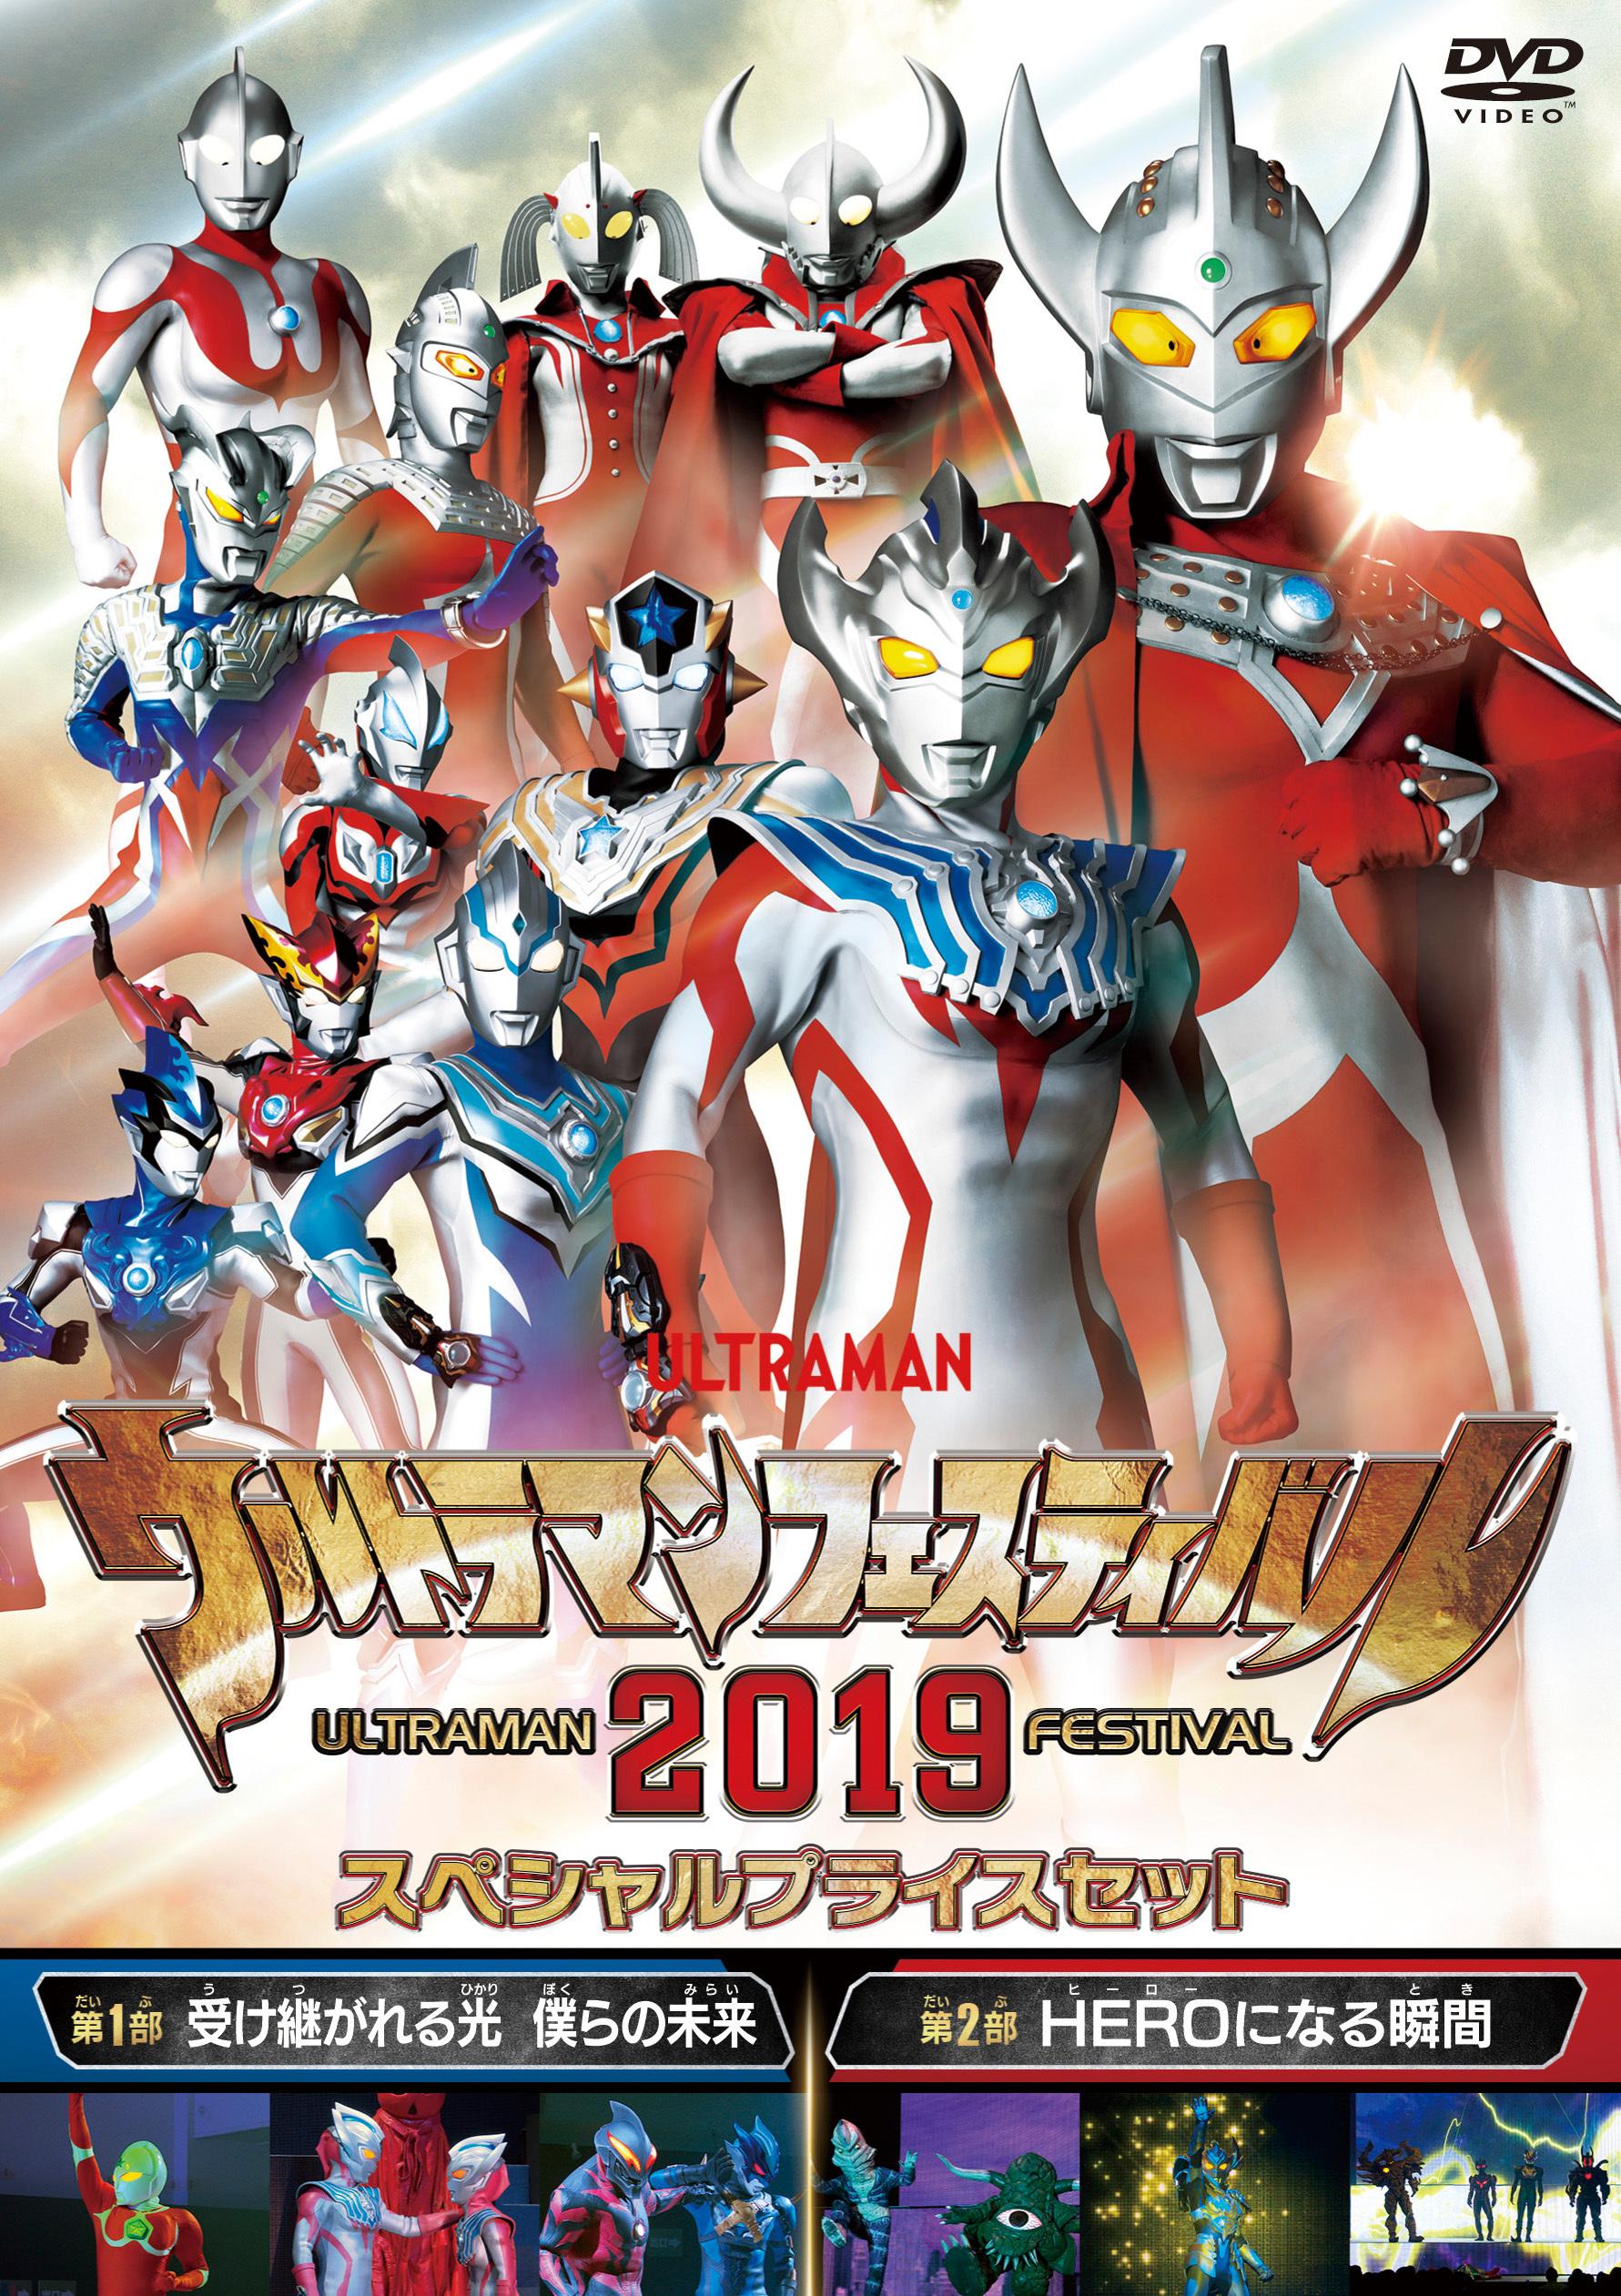 DVD『ウルトラマン THE LIVE ウルトラマンフェスティバル 2019 スペシャルプライスセット』ジャケット (C)TSUBURAYA PRODUCTIONS CO., LTD.